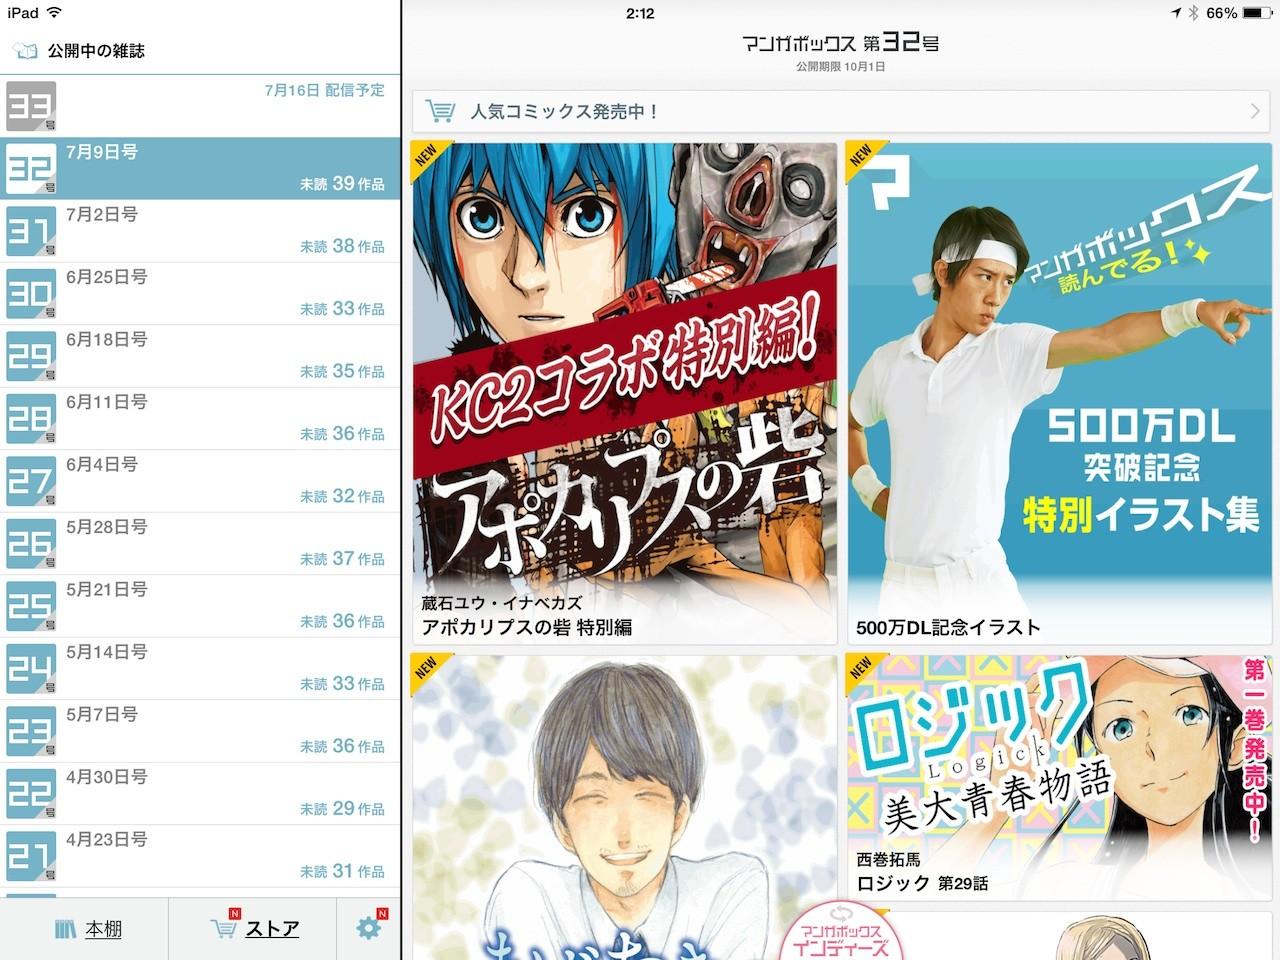 denaの無料漫画アプリ「マンガボックス」のダウンロード数が500万を